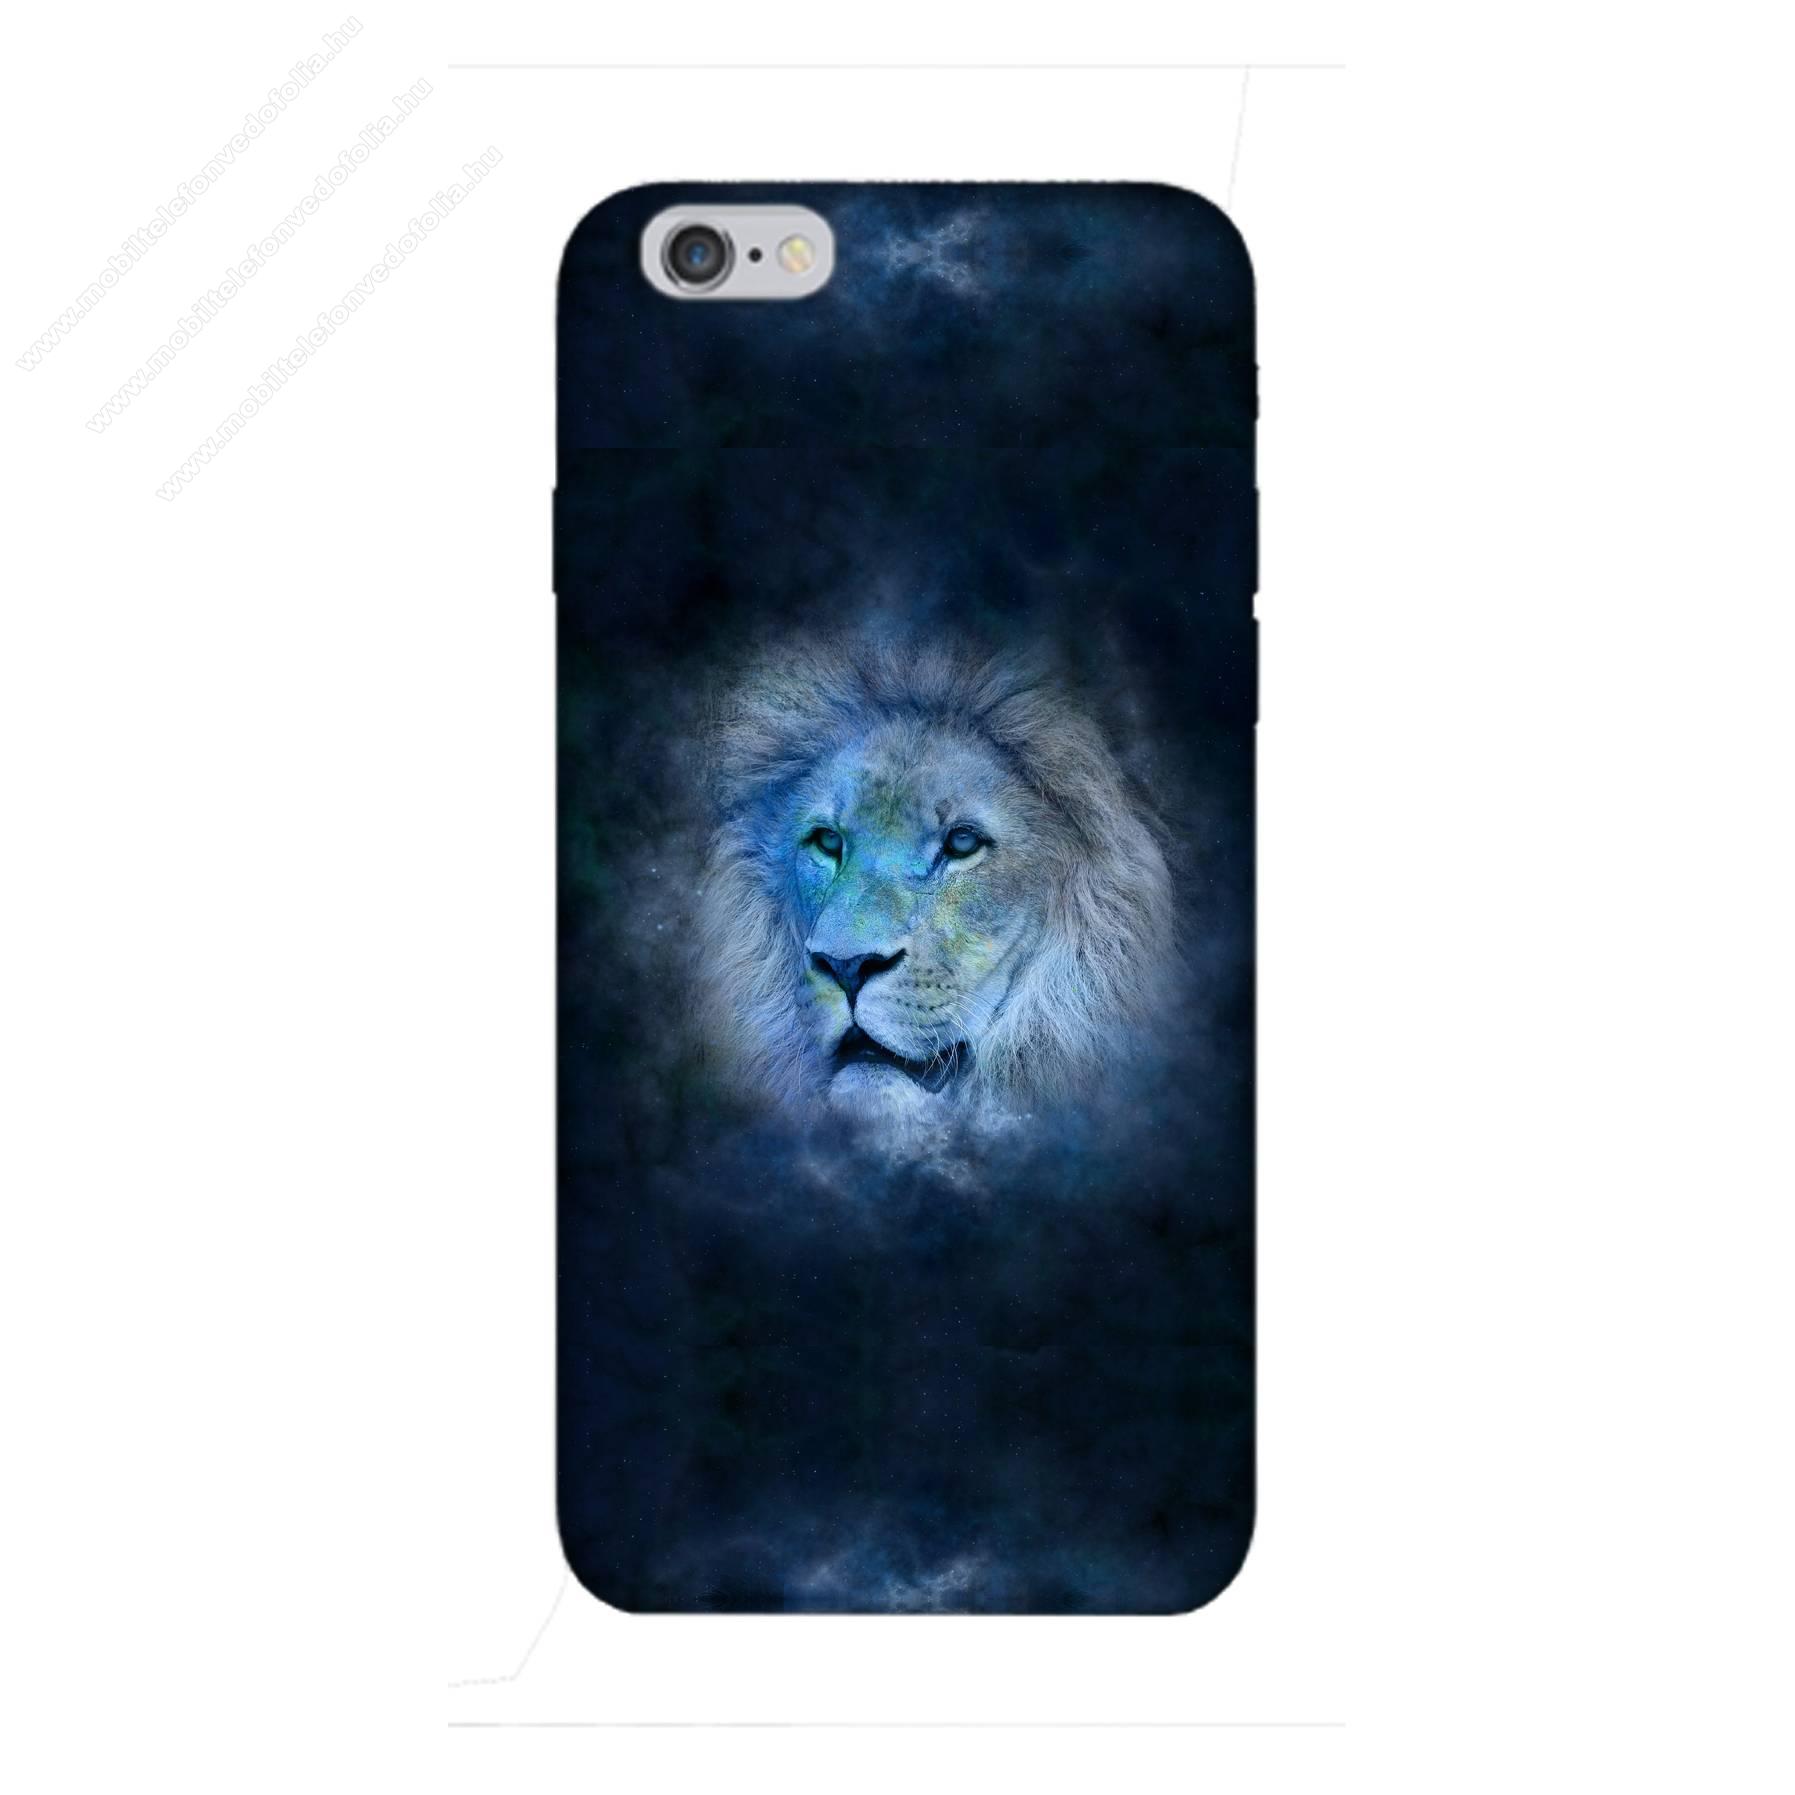 E-pic szilikon védő tok / hátlap - Horoszkóp, Oroszlán mintás - APPLE iPhone 6 Plus / APPLE iPhone 6s Plus